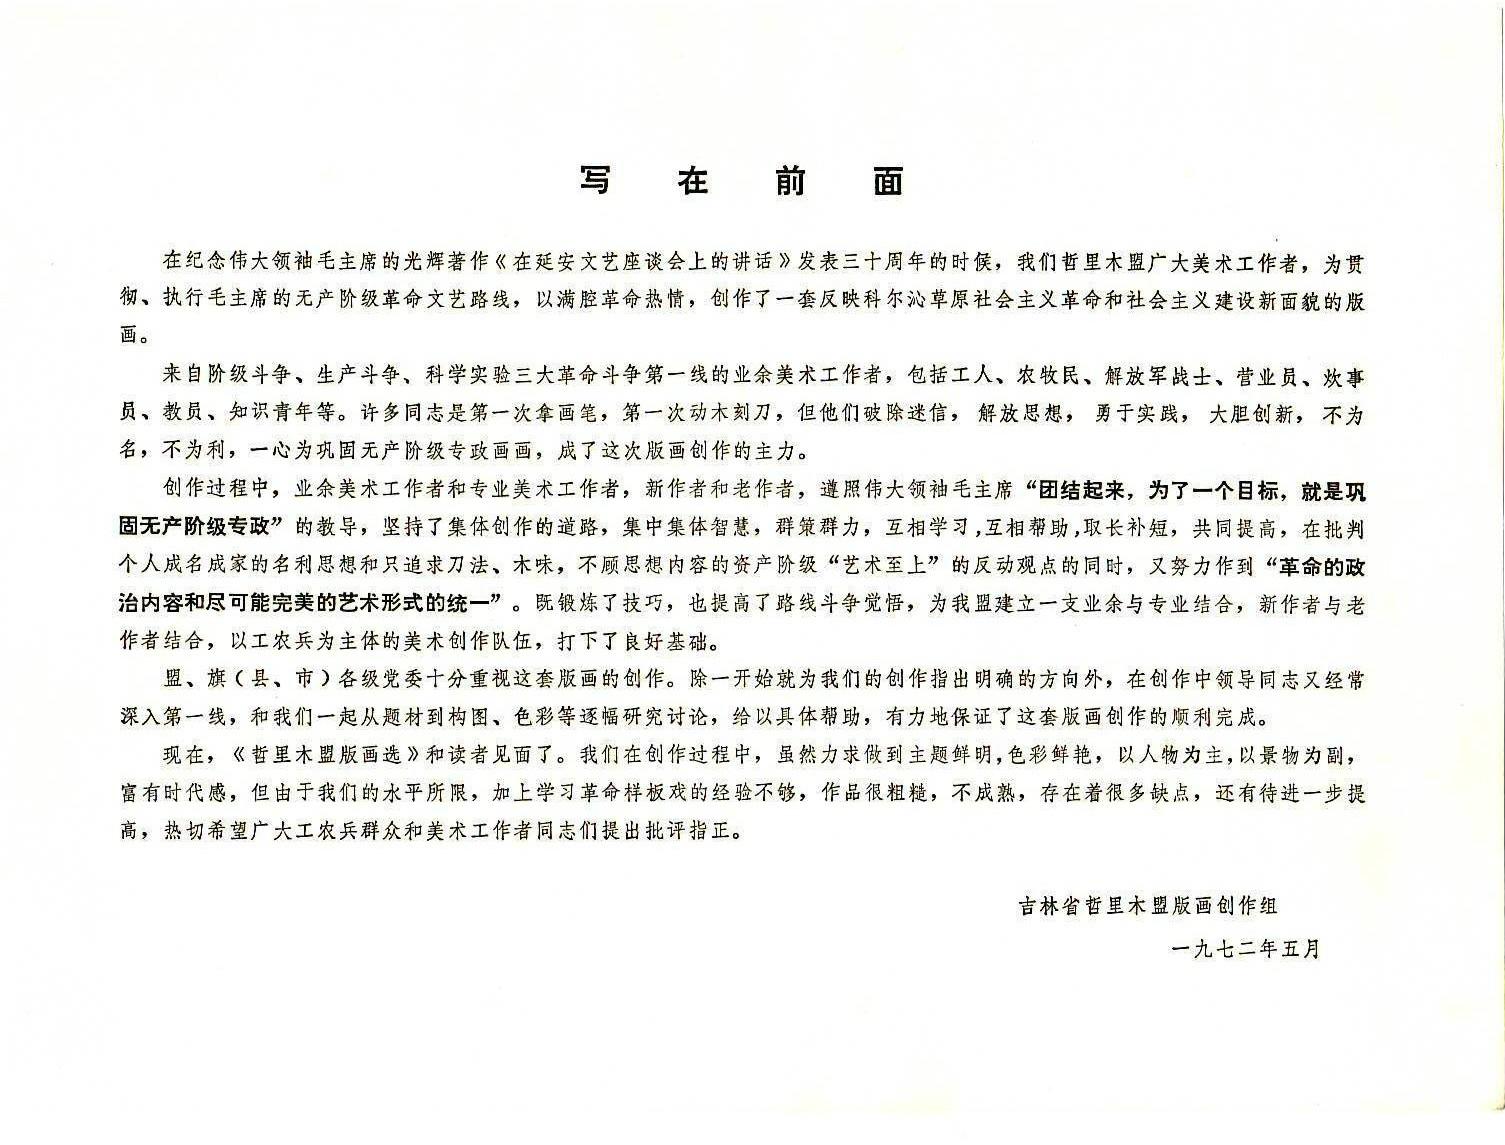 062哲里木盟版画选  第2张